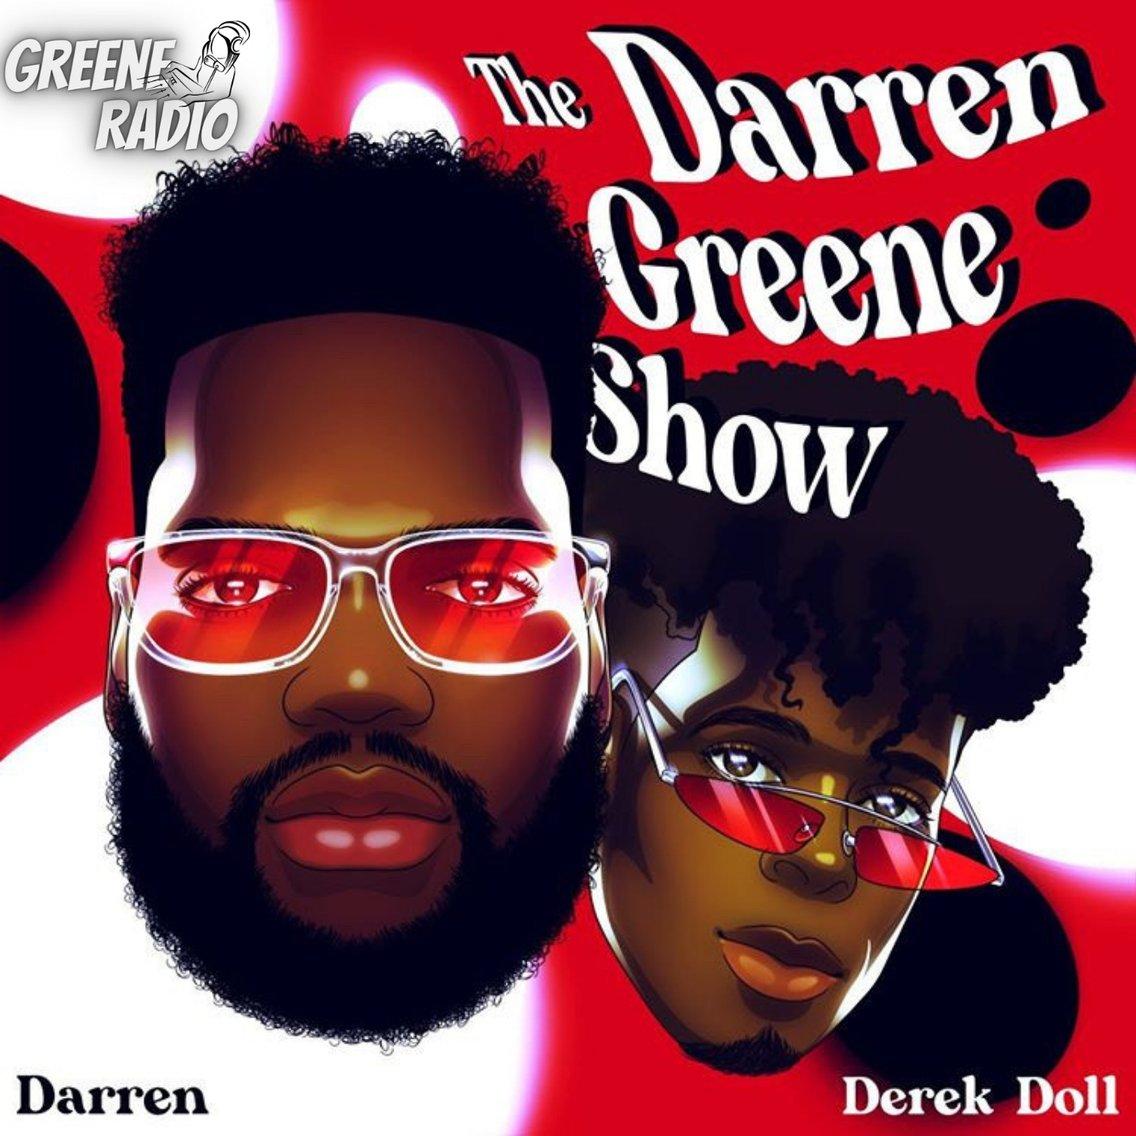 The Darren Greene Show - imagen de portada